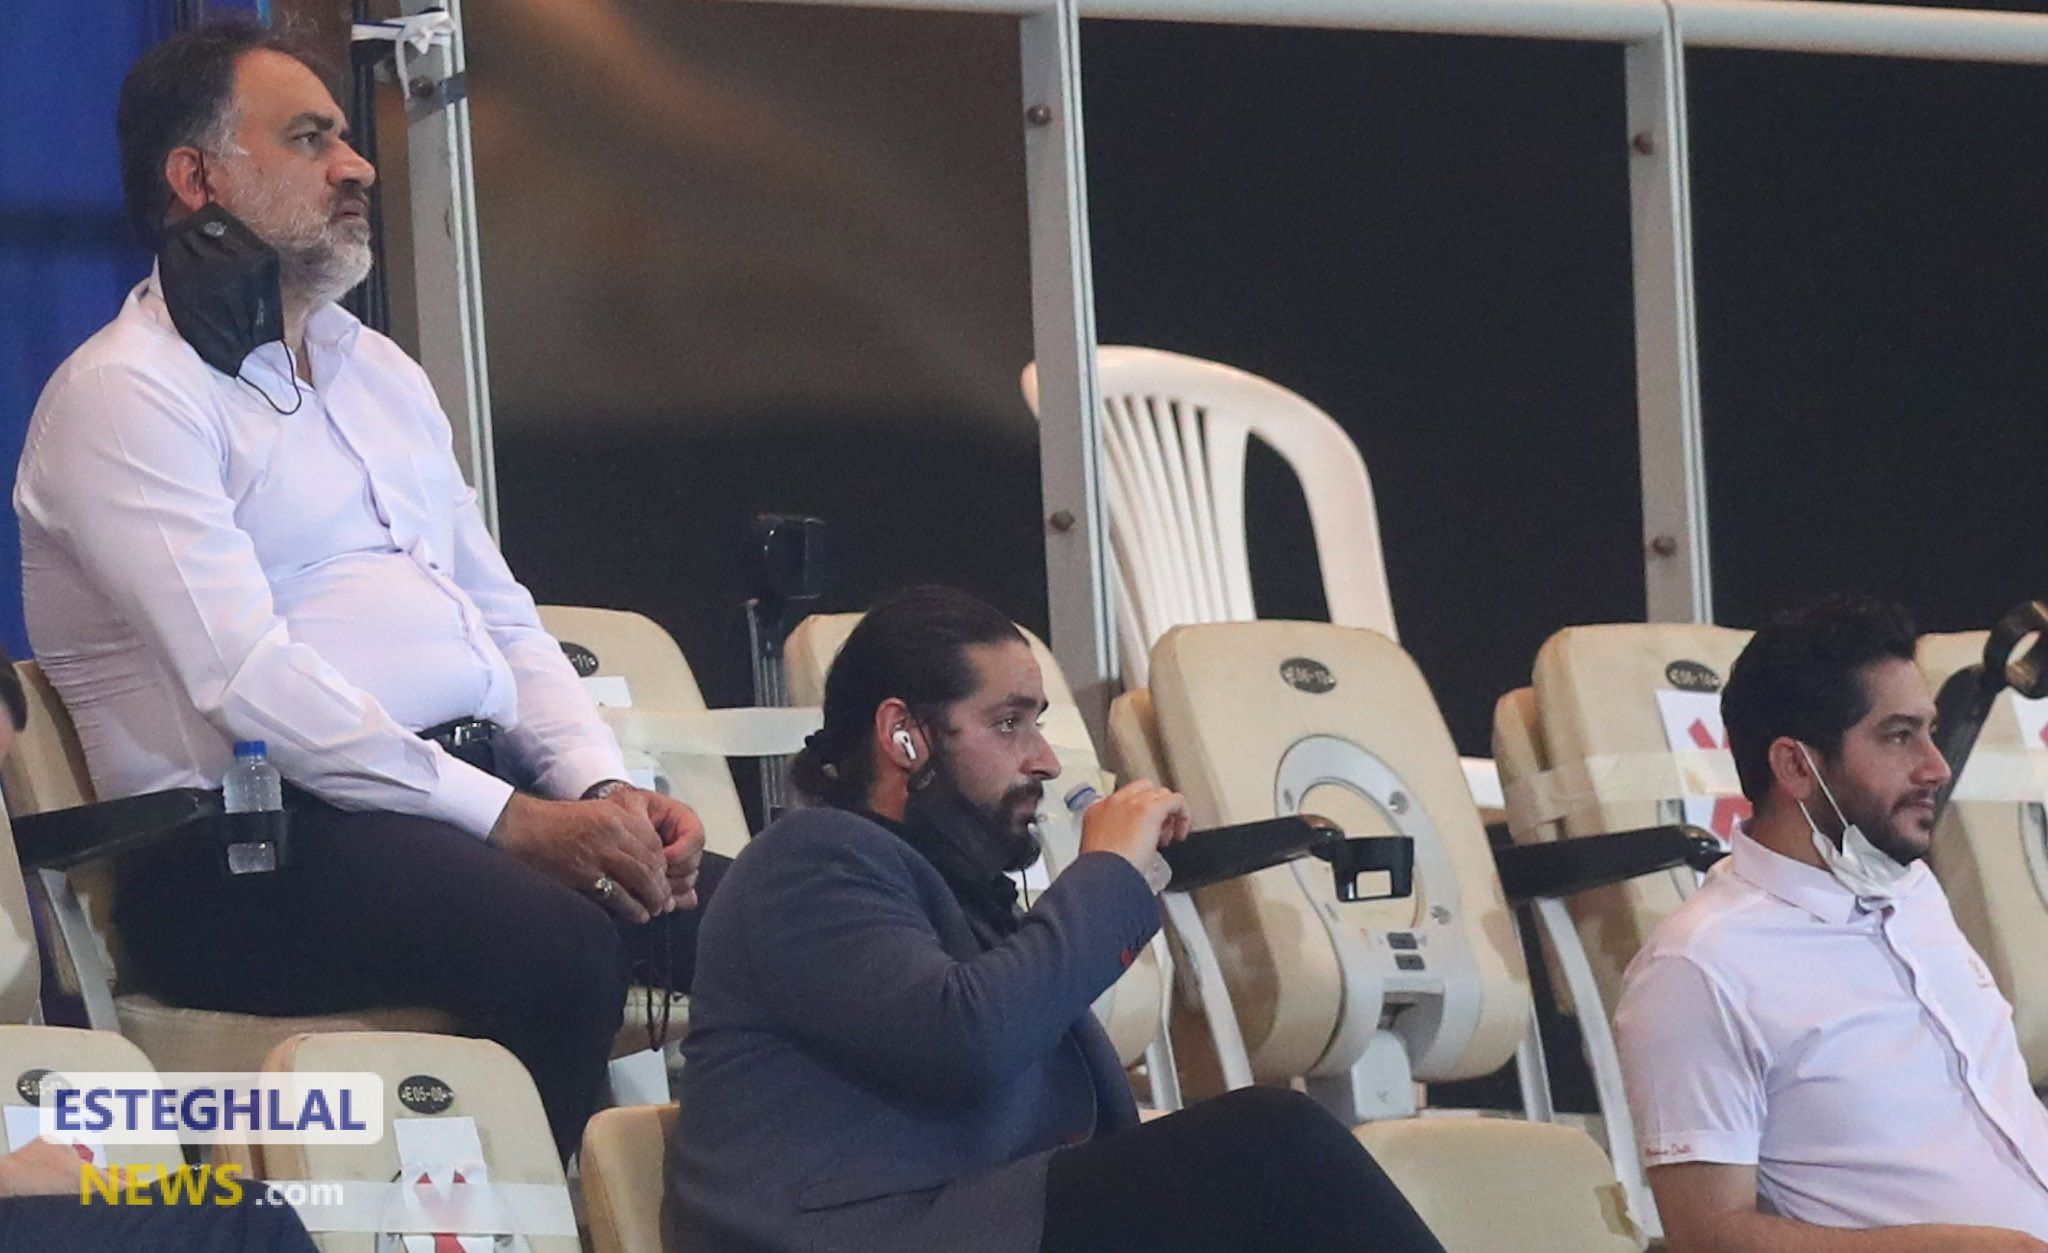 پیام احمد مددی به مناسبت صعود به مرحله حذفی لیگ قهرمانان آسیا/ شایسته صعود از گروه مرگ بودیم